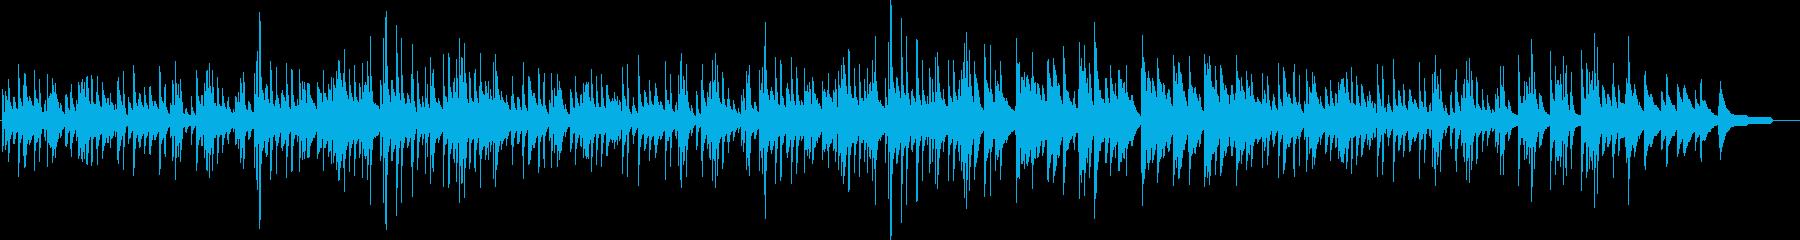 切ないピアノソロメロディ・ジブリ風の再生済みの波形